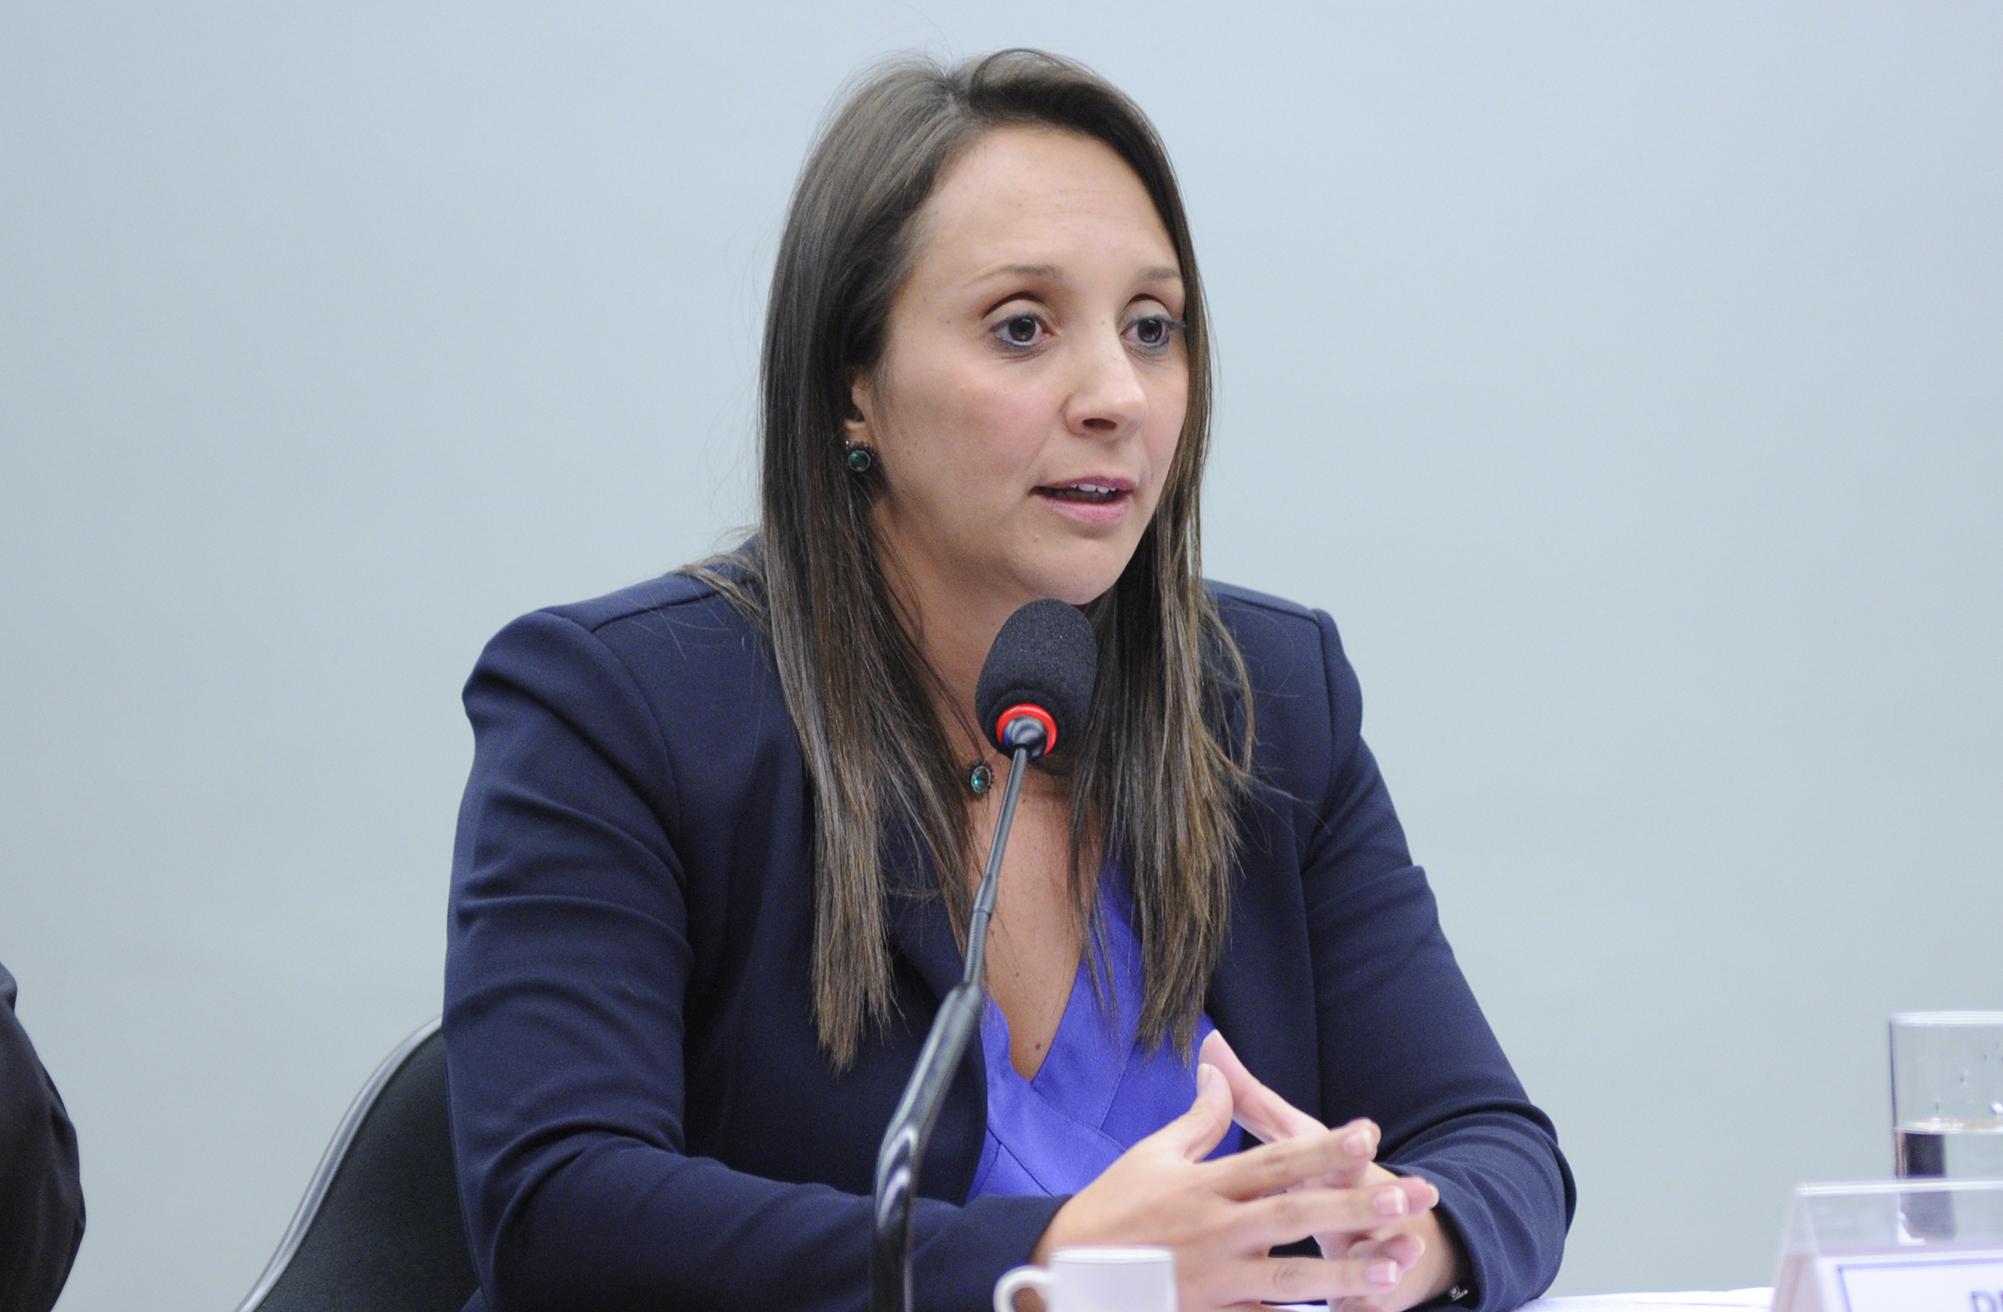 Comissão Especial sobre a Reforma Política, Tribunal Superior Eleitoral (TSE) e Instituto Idea realizam seminário internacional sobre Sistemas Eleitorais. Dep. Renata Abreu (PTN-SP)